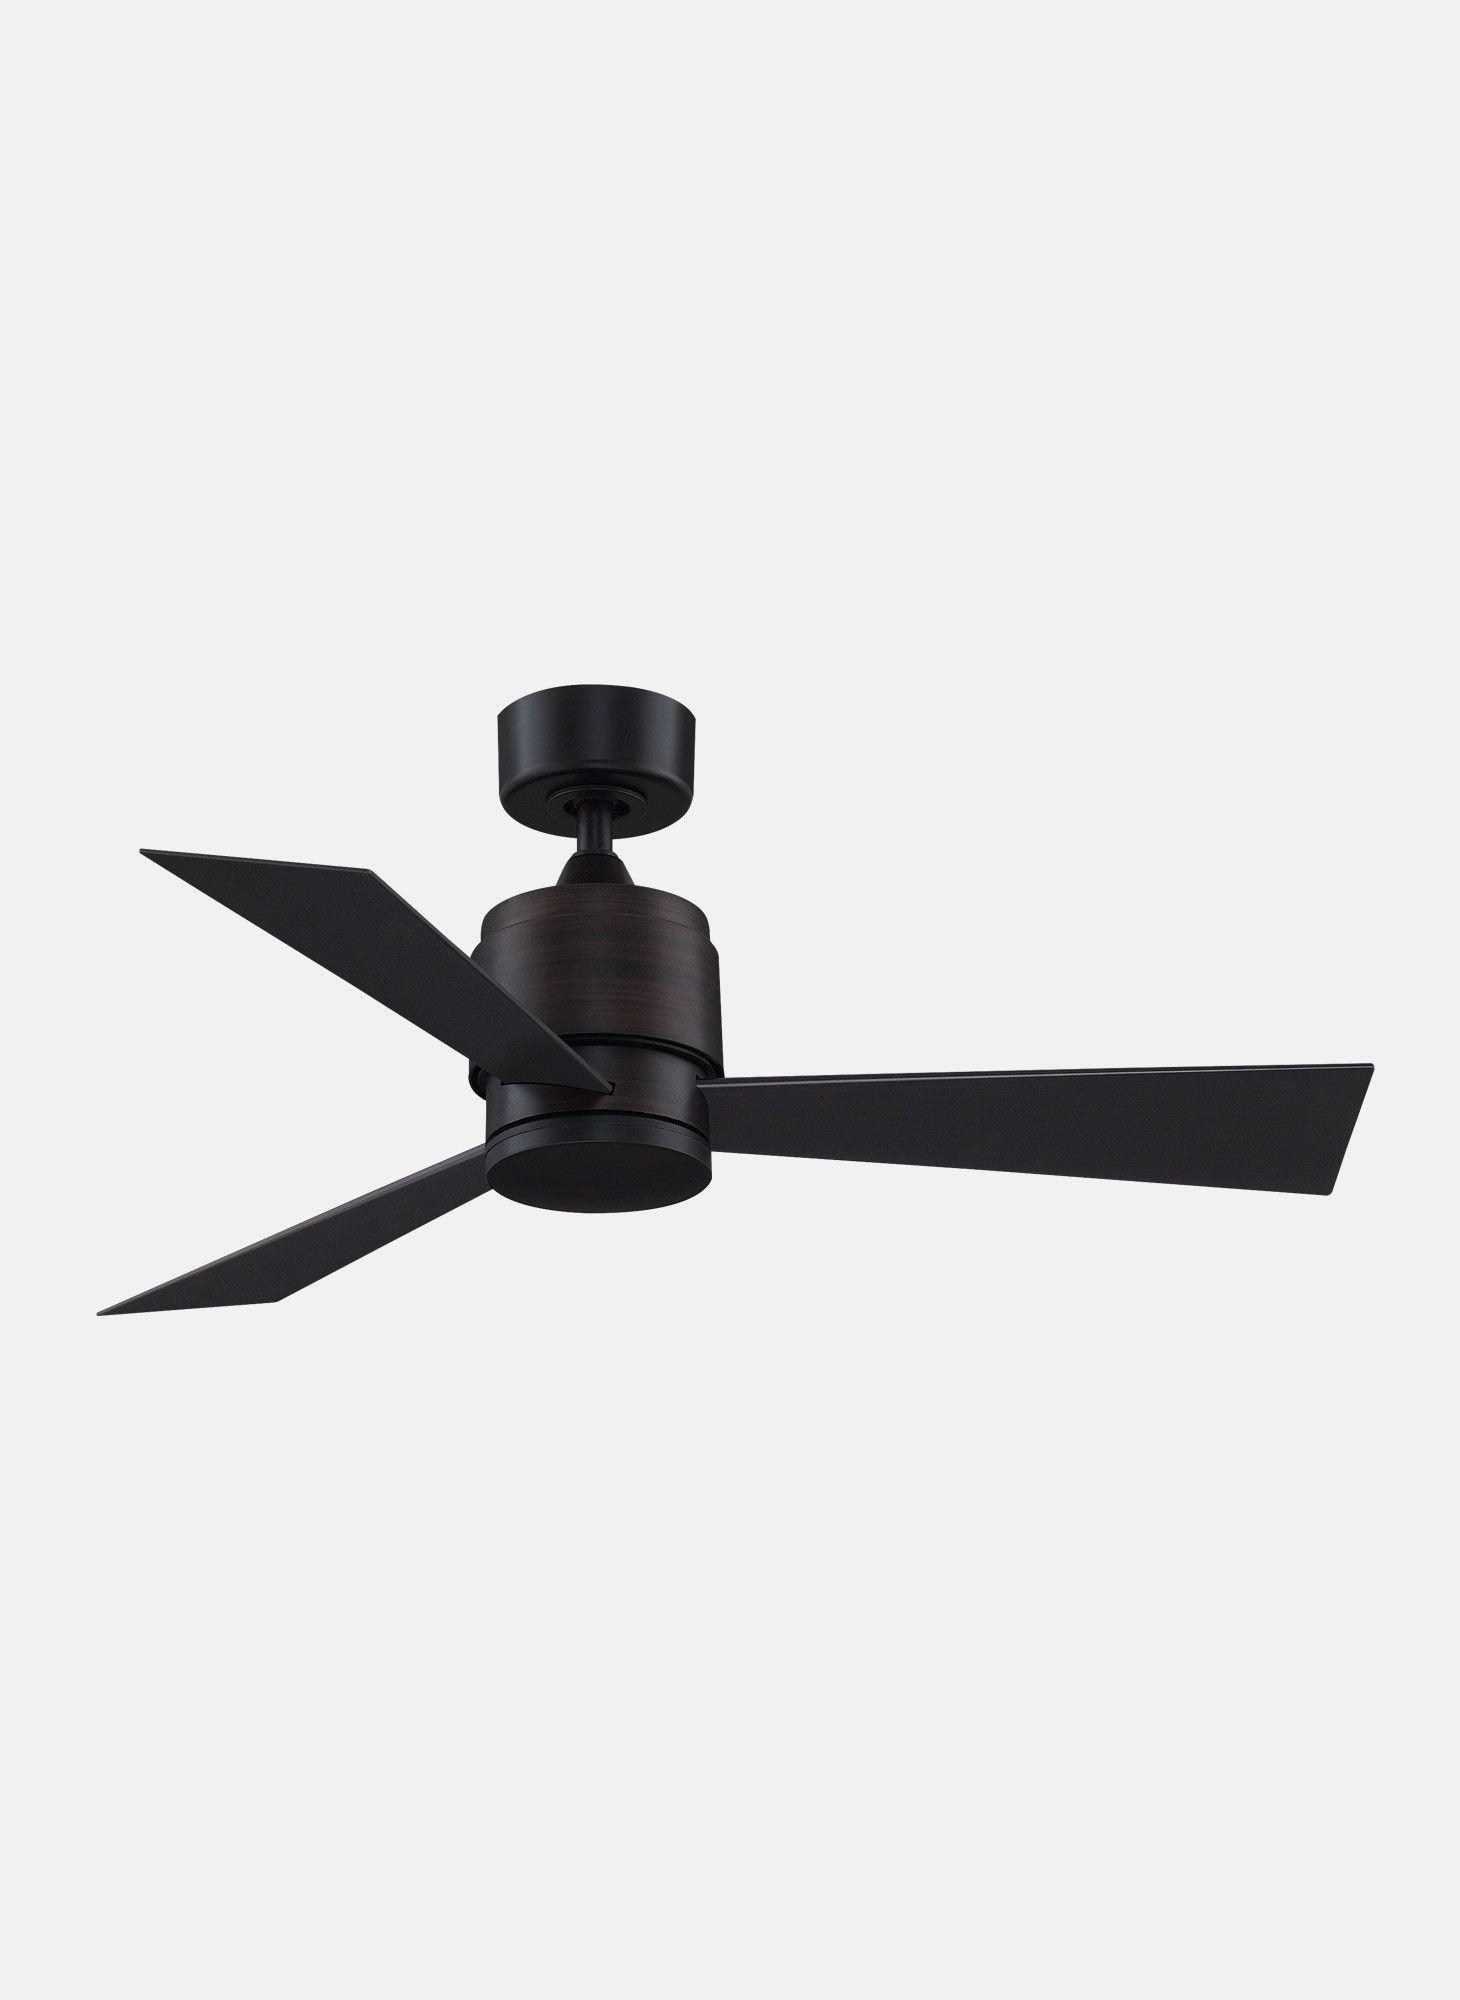 Zonix Custom Wet Wet Rated Fans Ceiling Fan Intelligent Design Fan